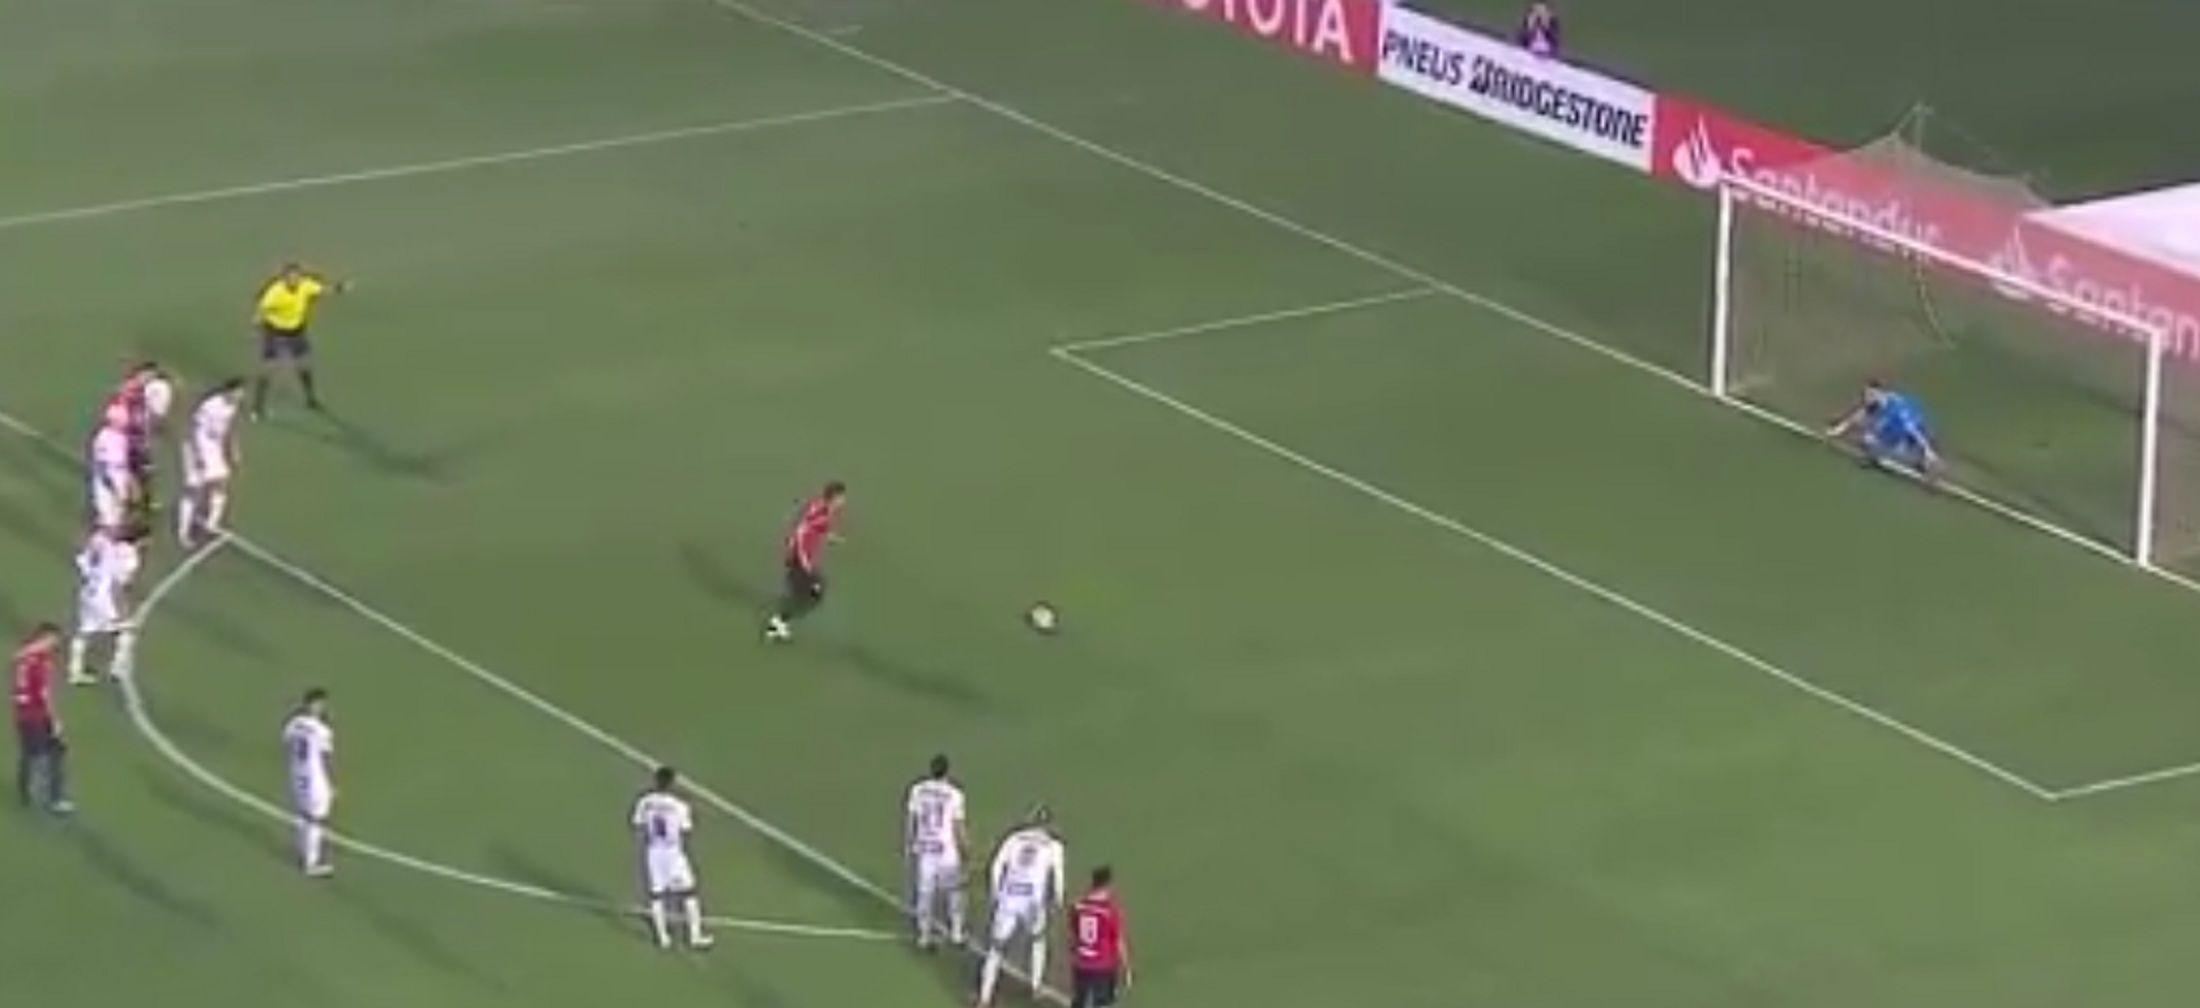 Maxi Meza desperdició un penal frente a Santos